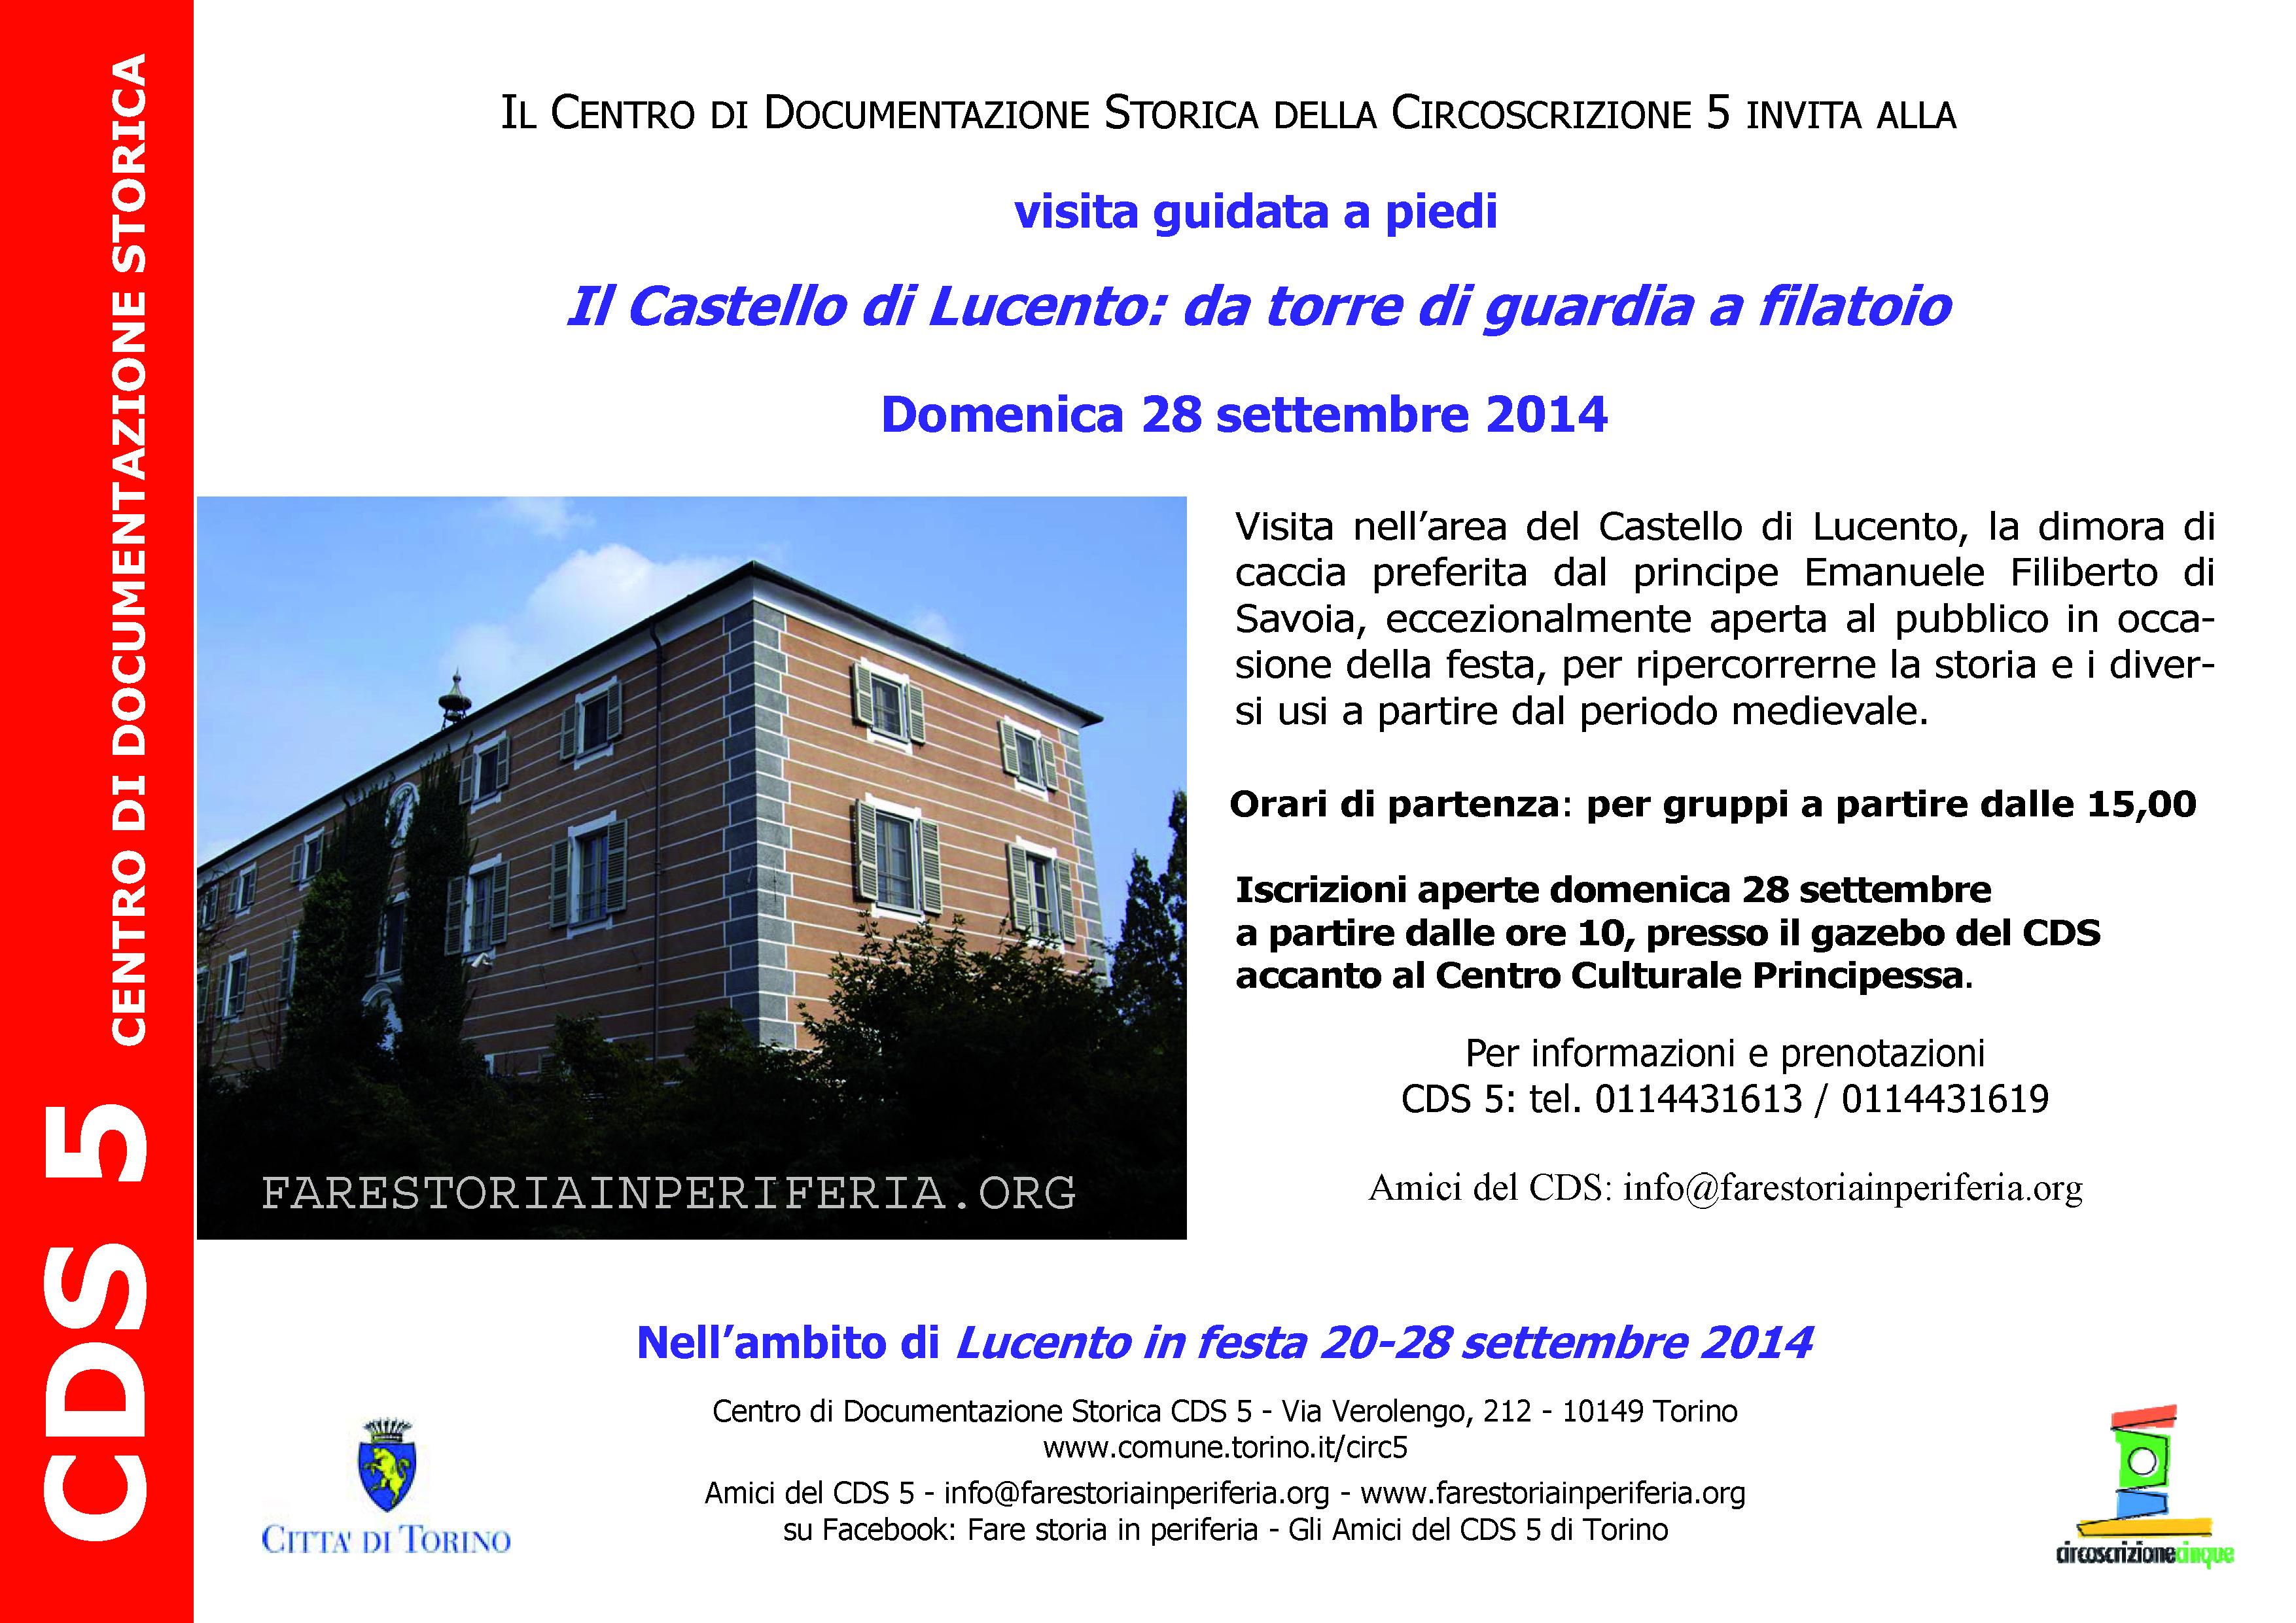 CDS-Volantino Visita al Castello di Lucento 28-09-2014